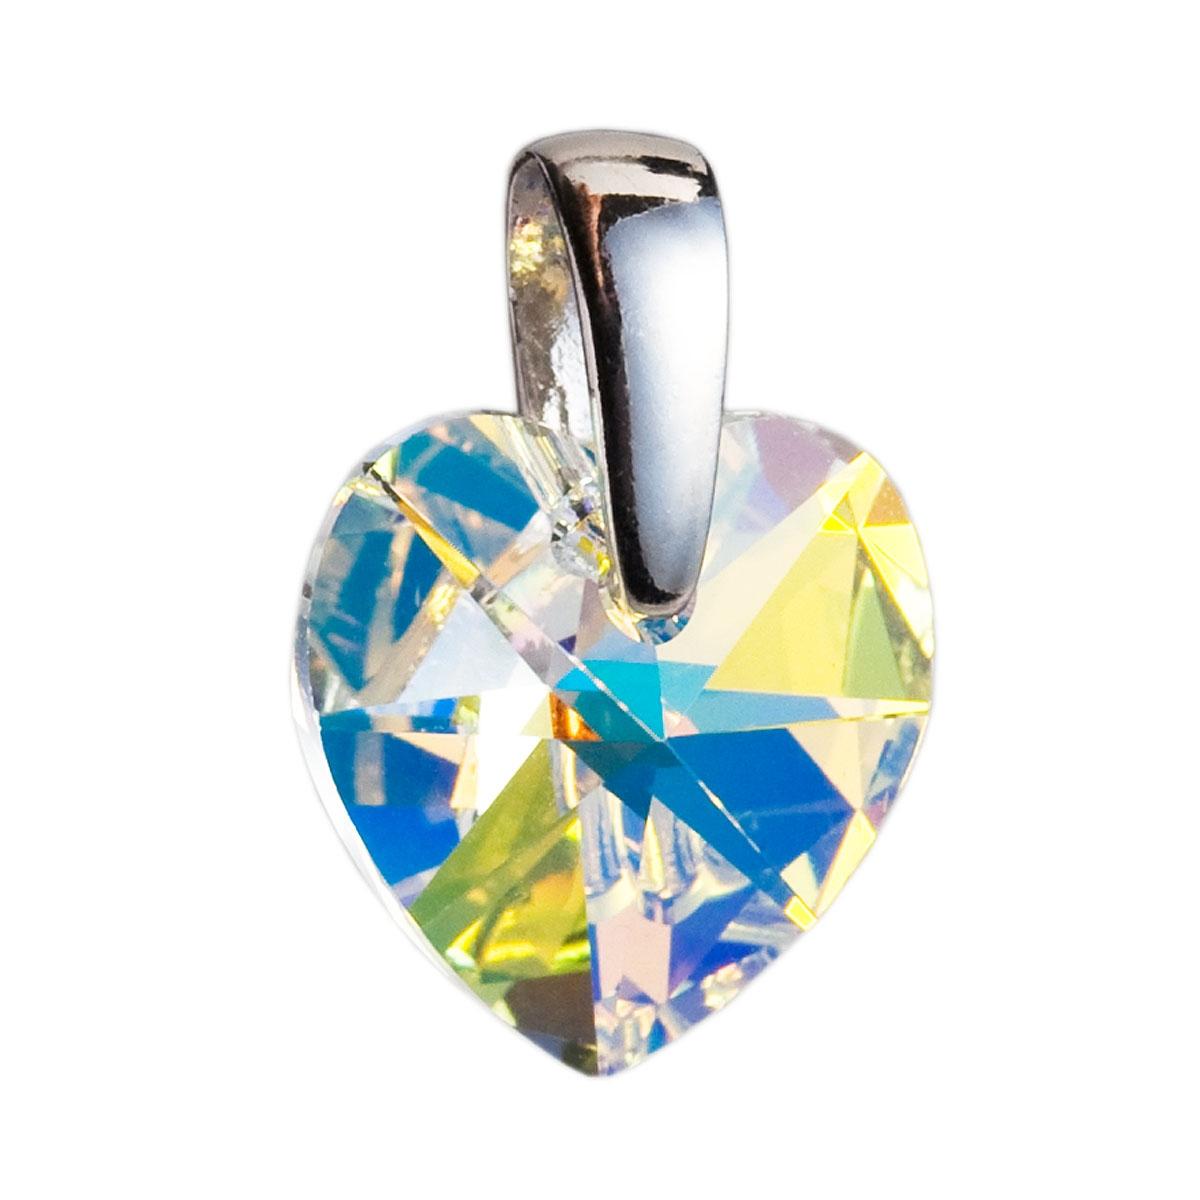 Strieborný prívesok srdce Crystals from Swarovski ® AB 2f652239041